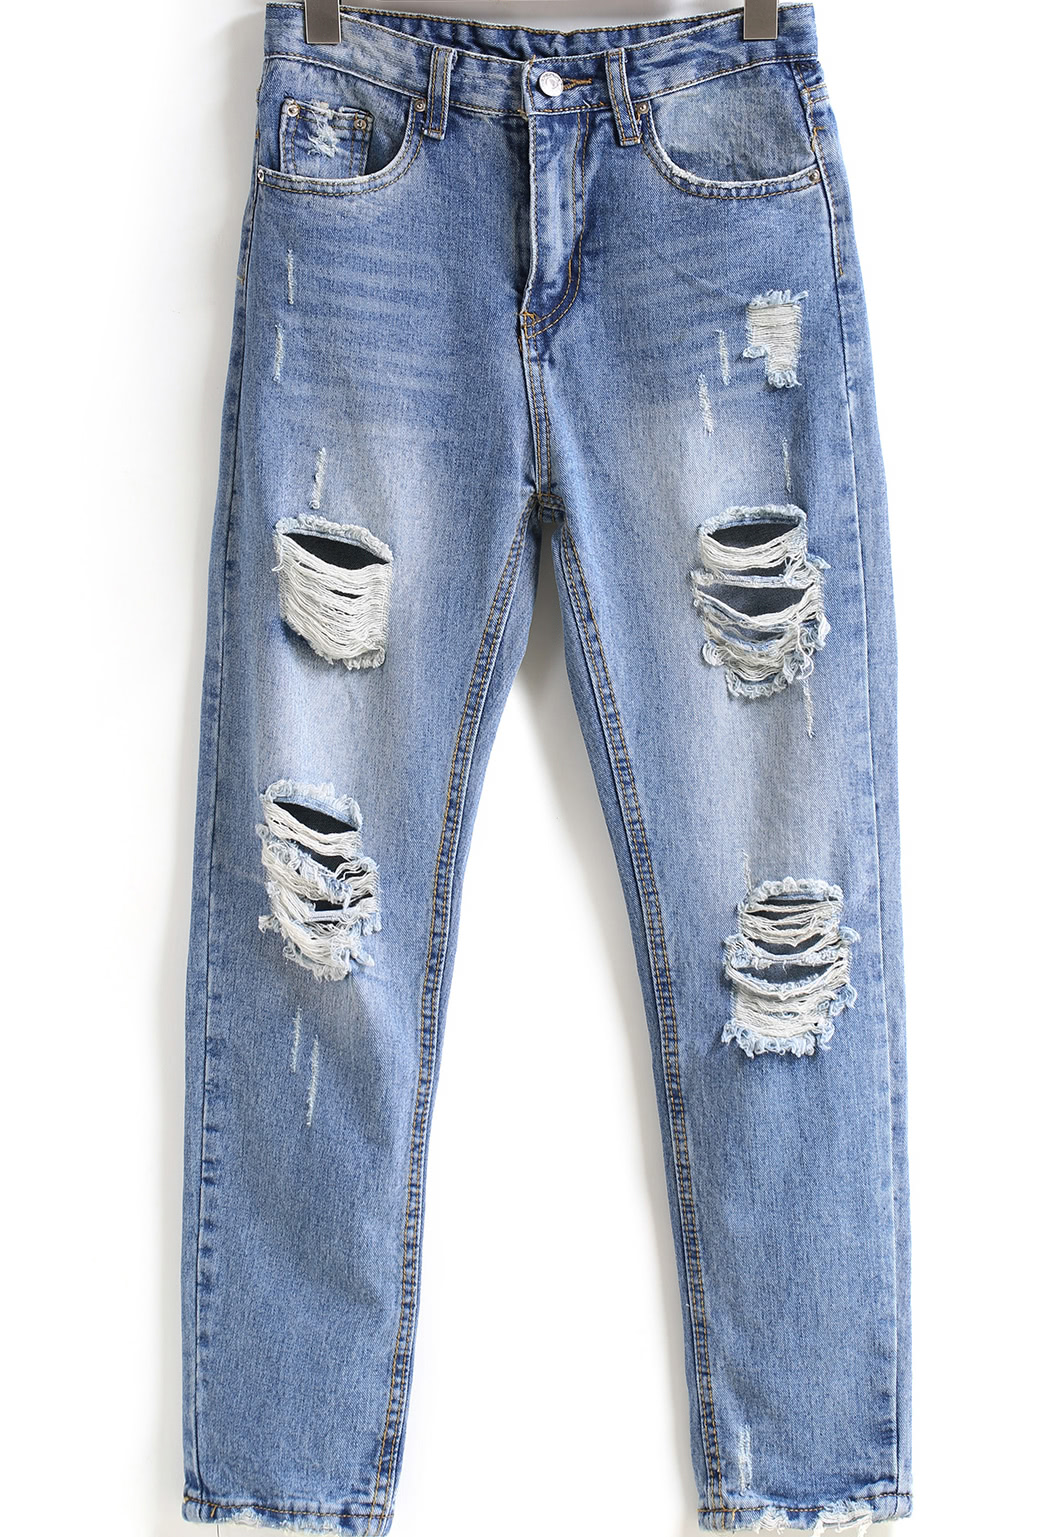 jeans romwe